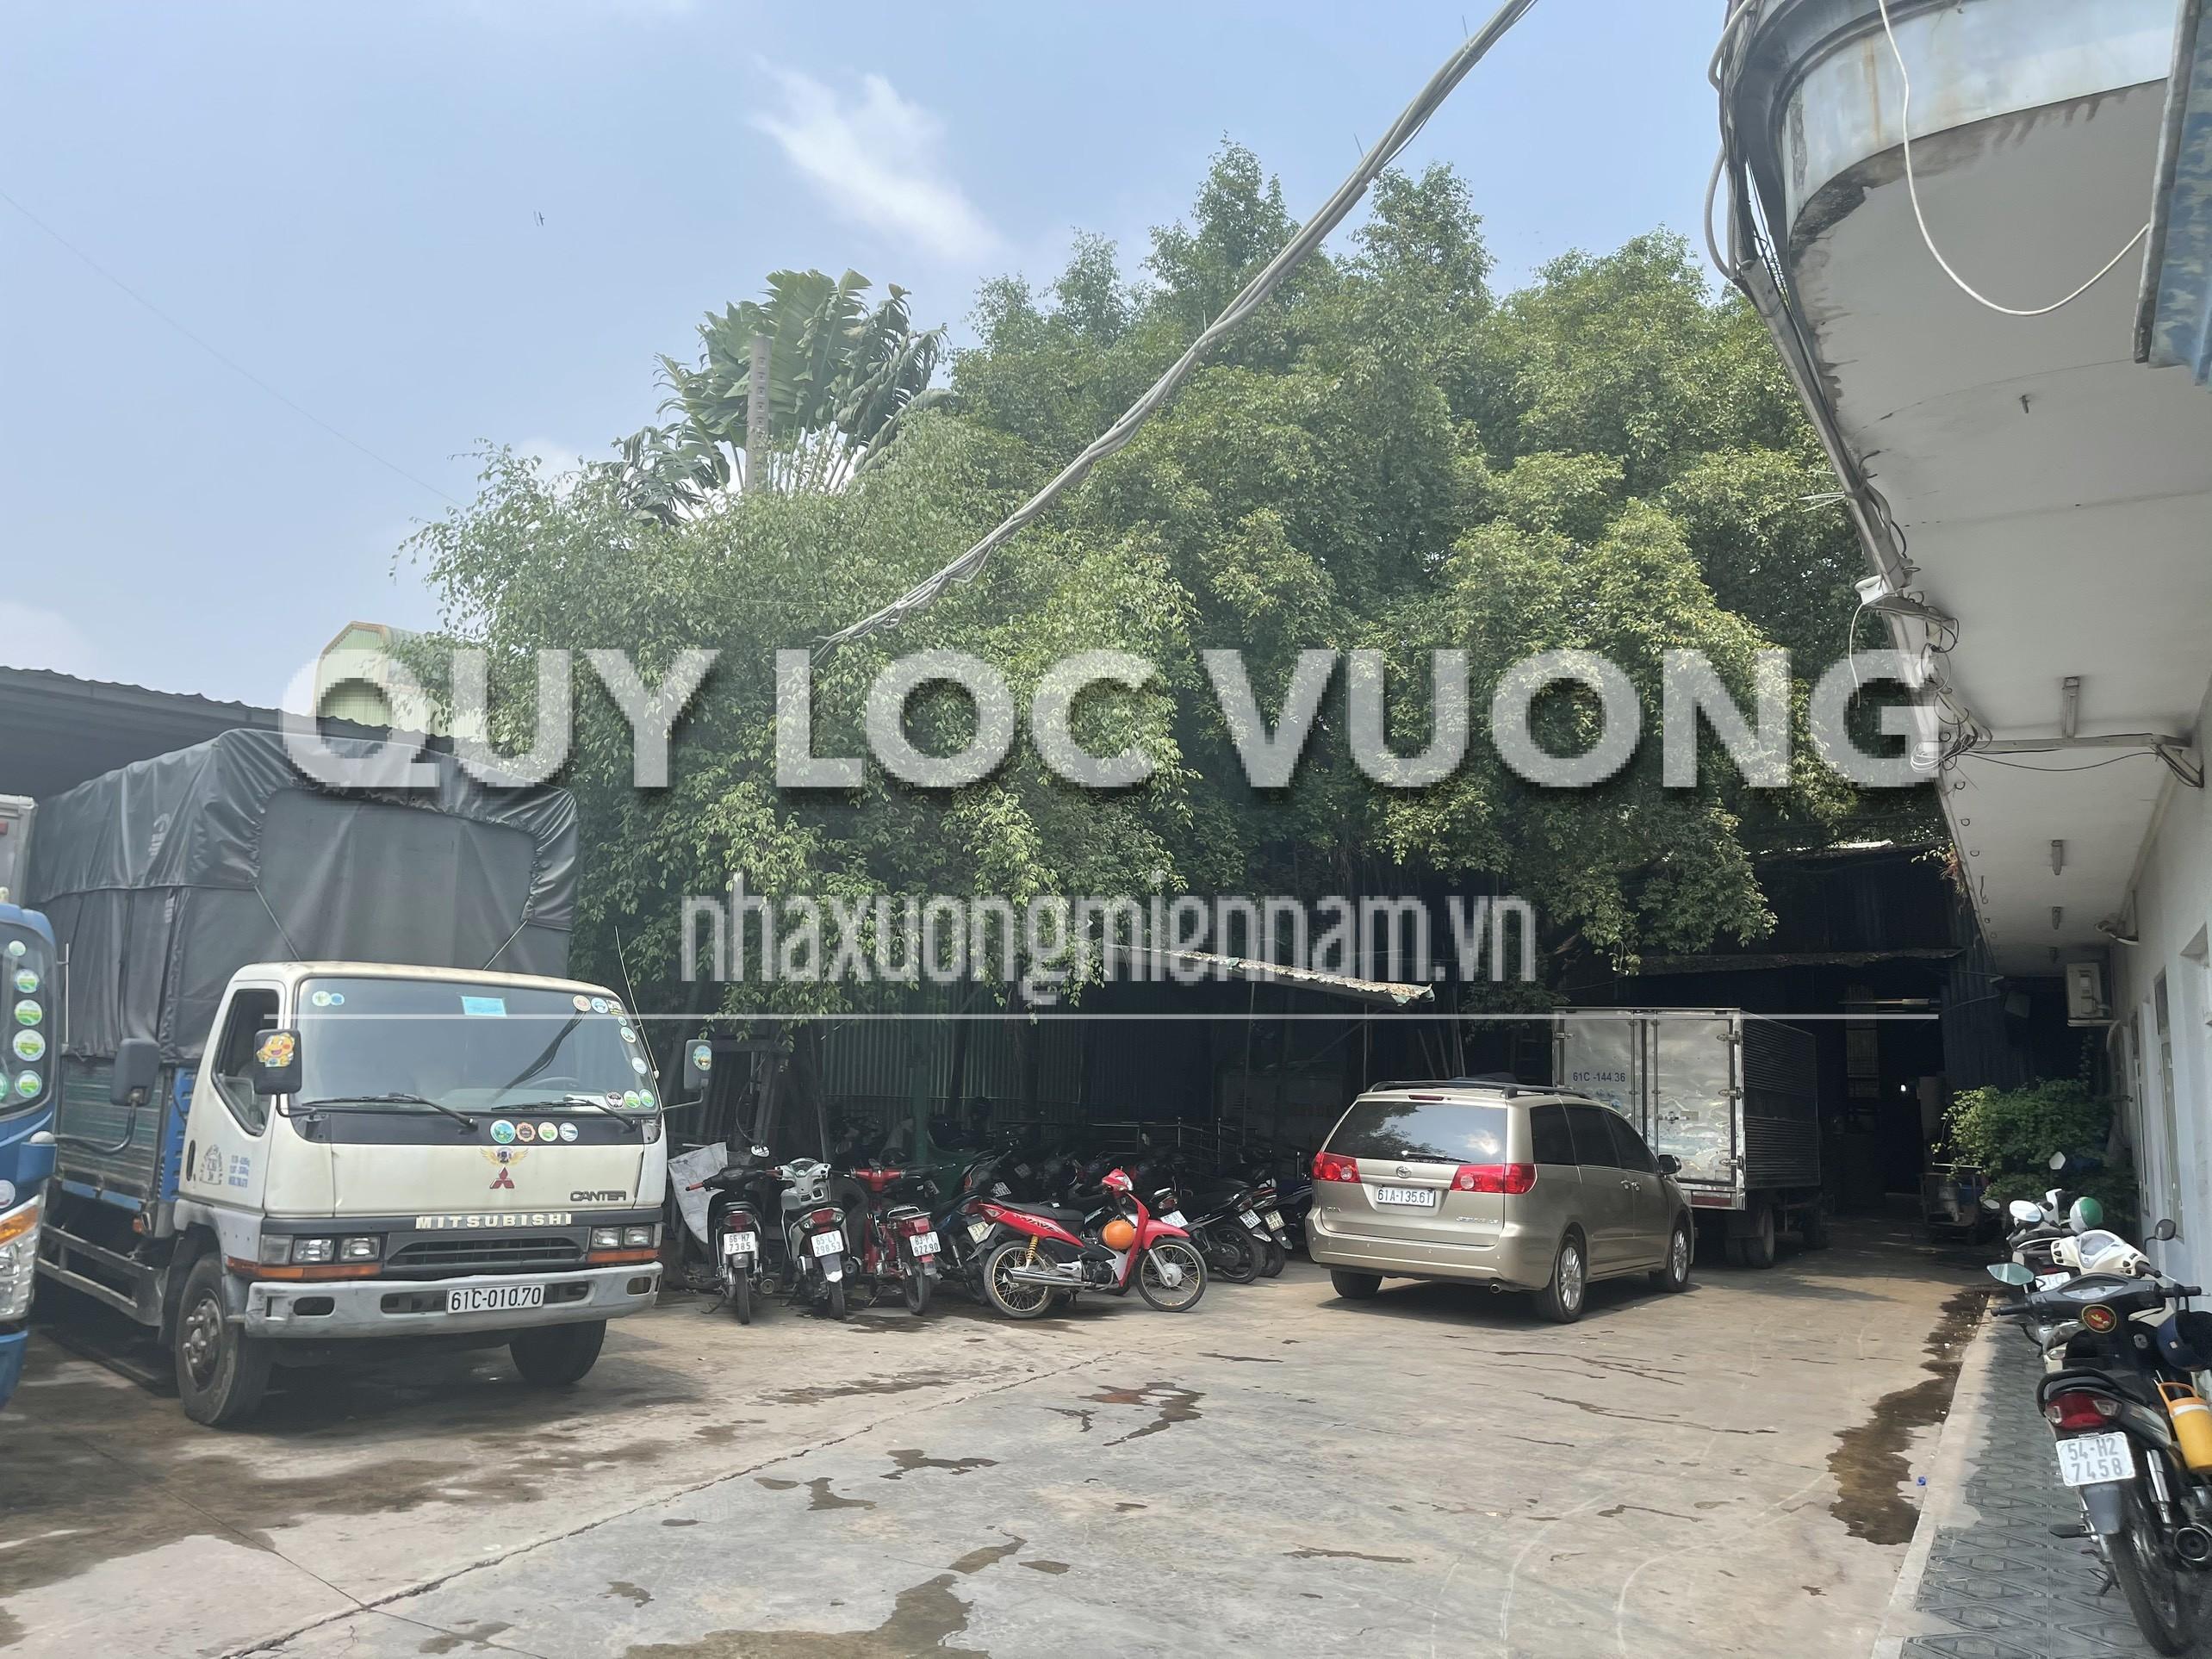 Bán xưởng khu vực Bình Phú phường Bình Chuẩn Thuận An, BD, 4.291m2